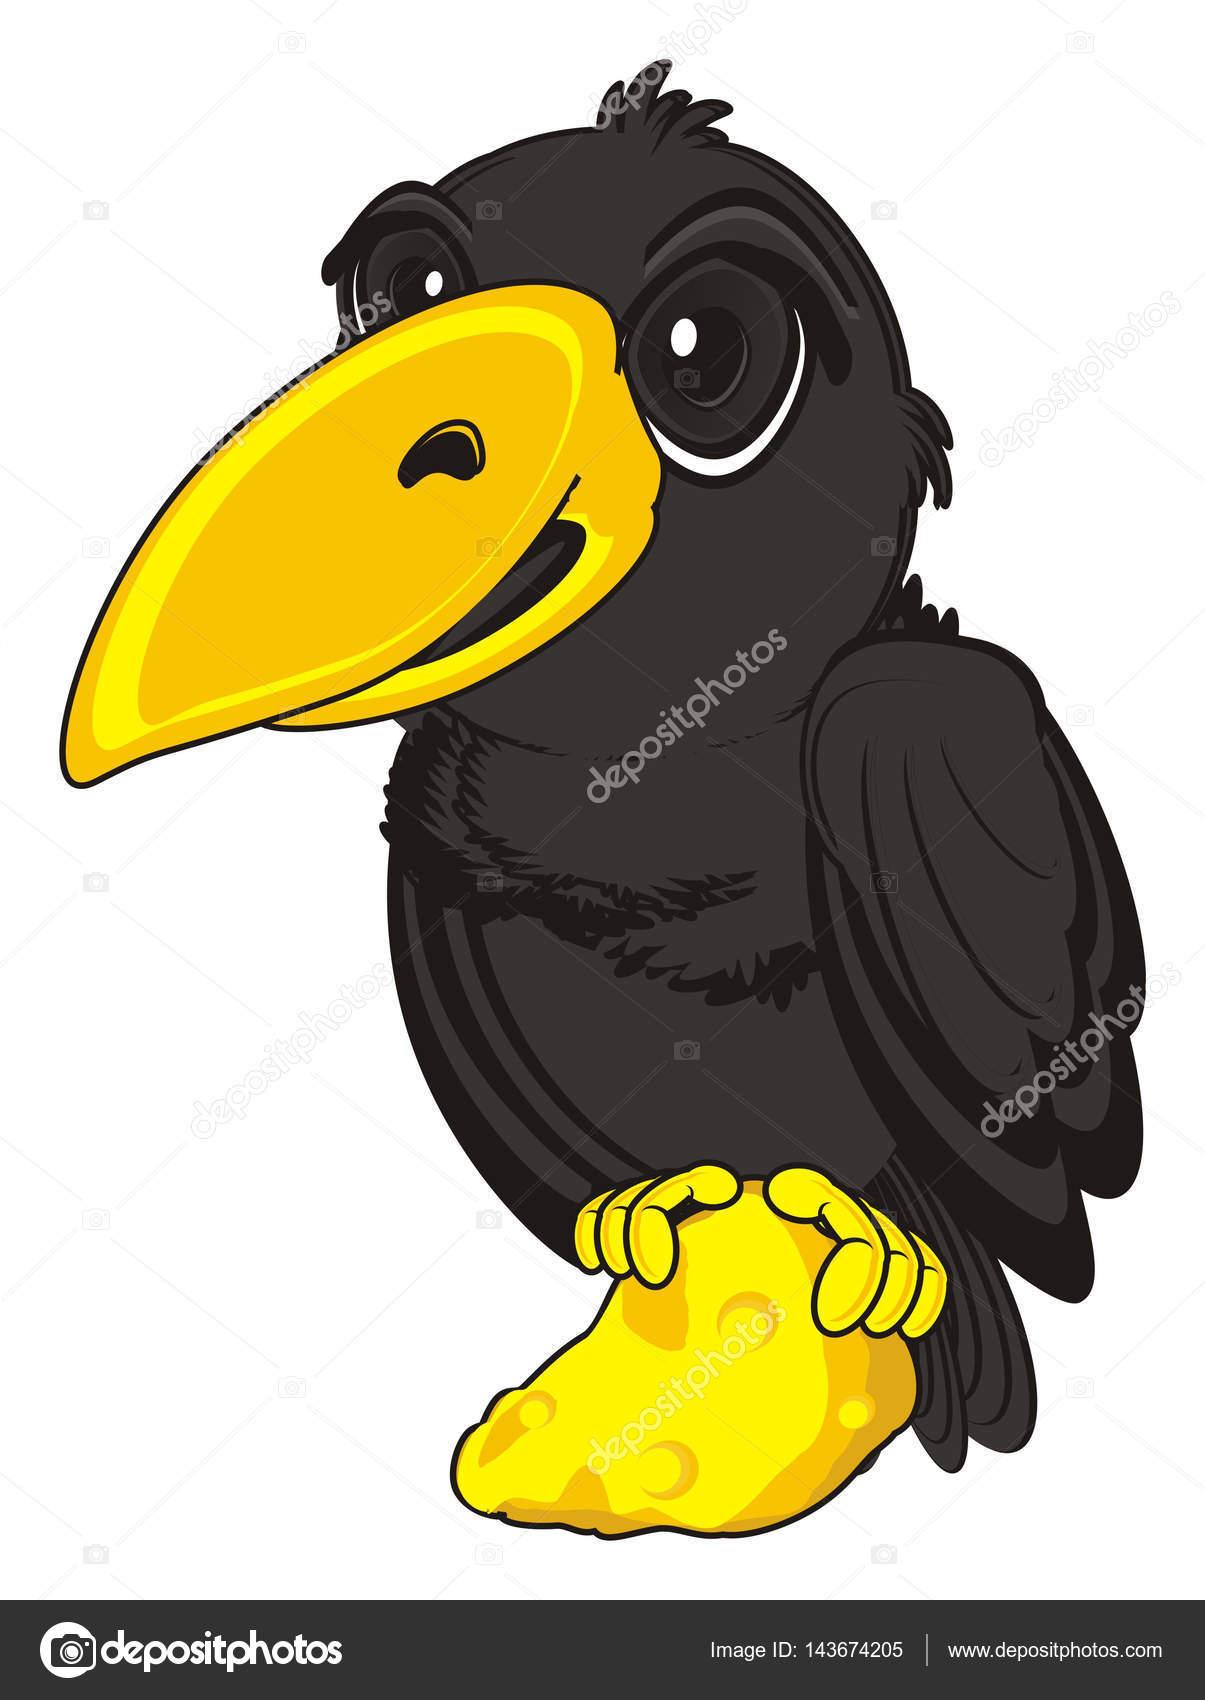 可爱的黑乌鸦 — 图库照片08tatty77tatty#143674205